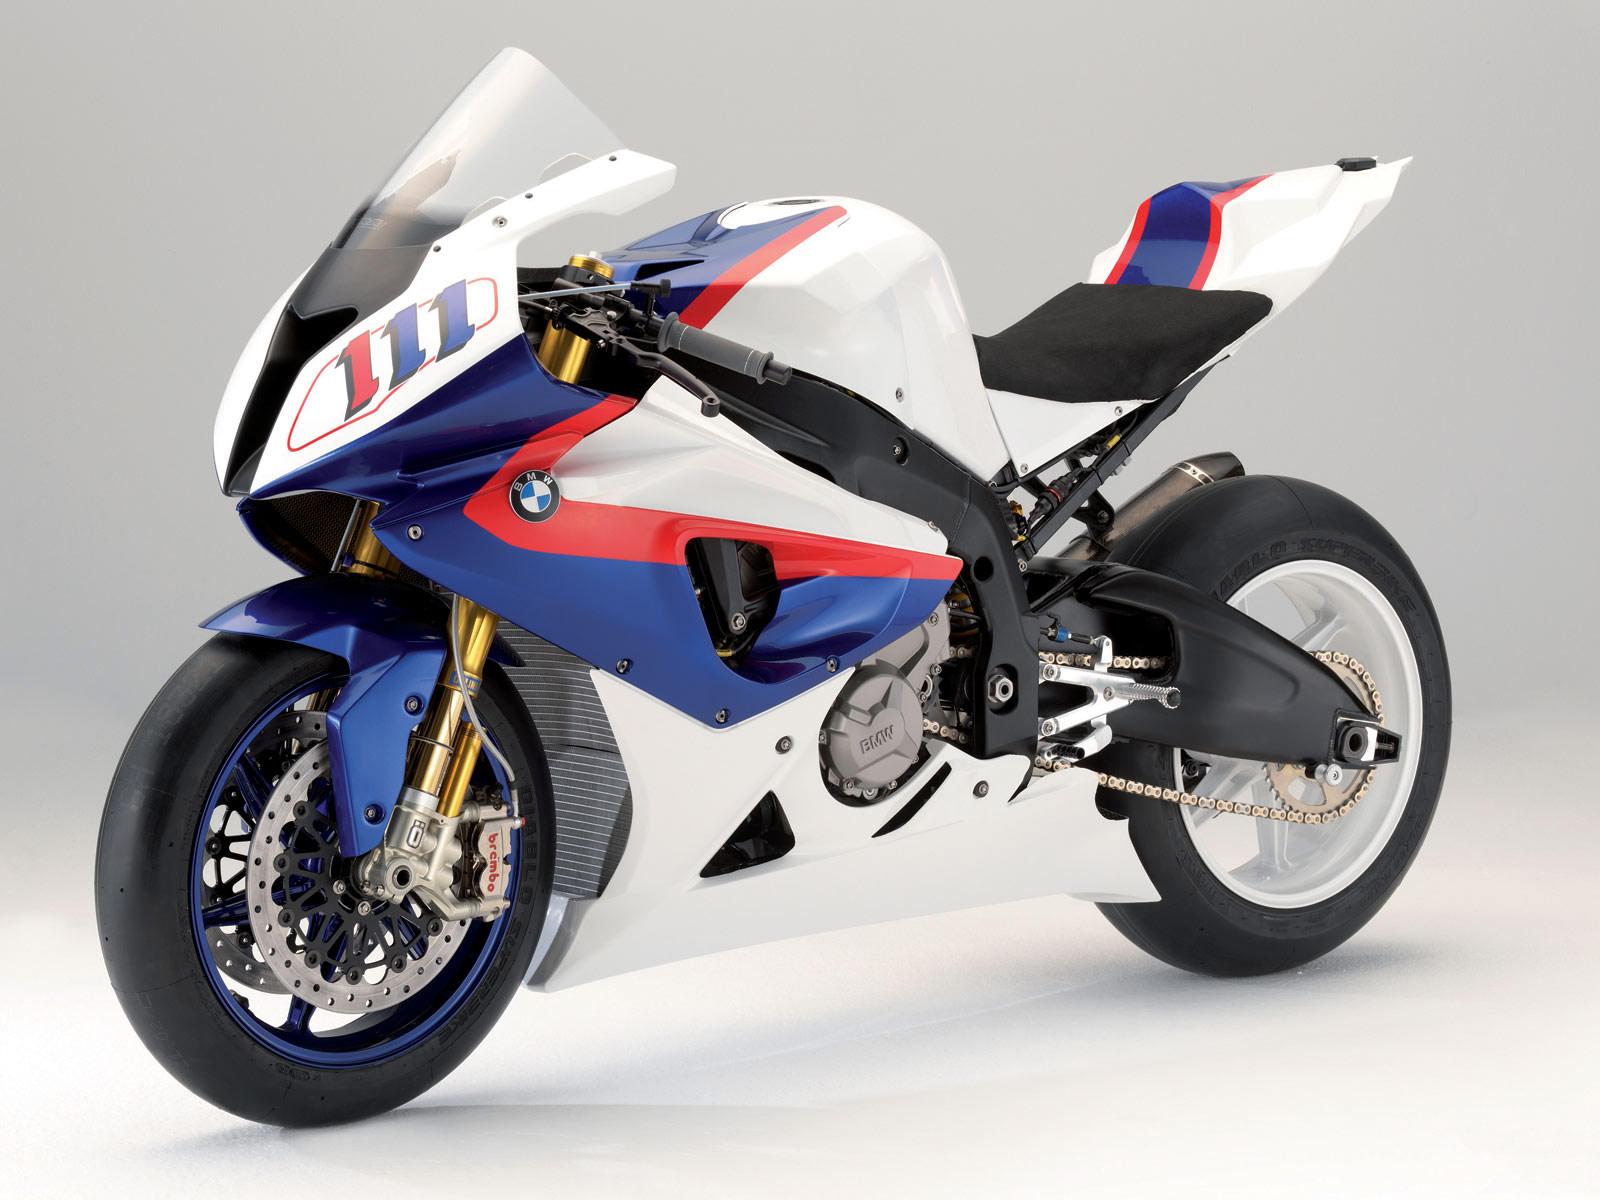 2008 BMW S1000RR motorcycle desktop wallpapers 1600x1200